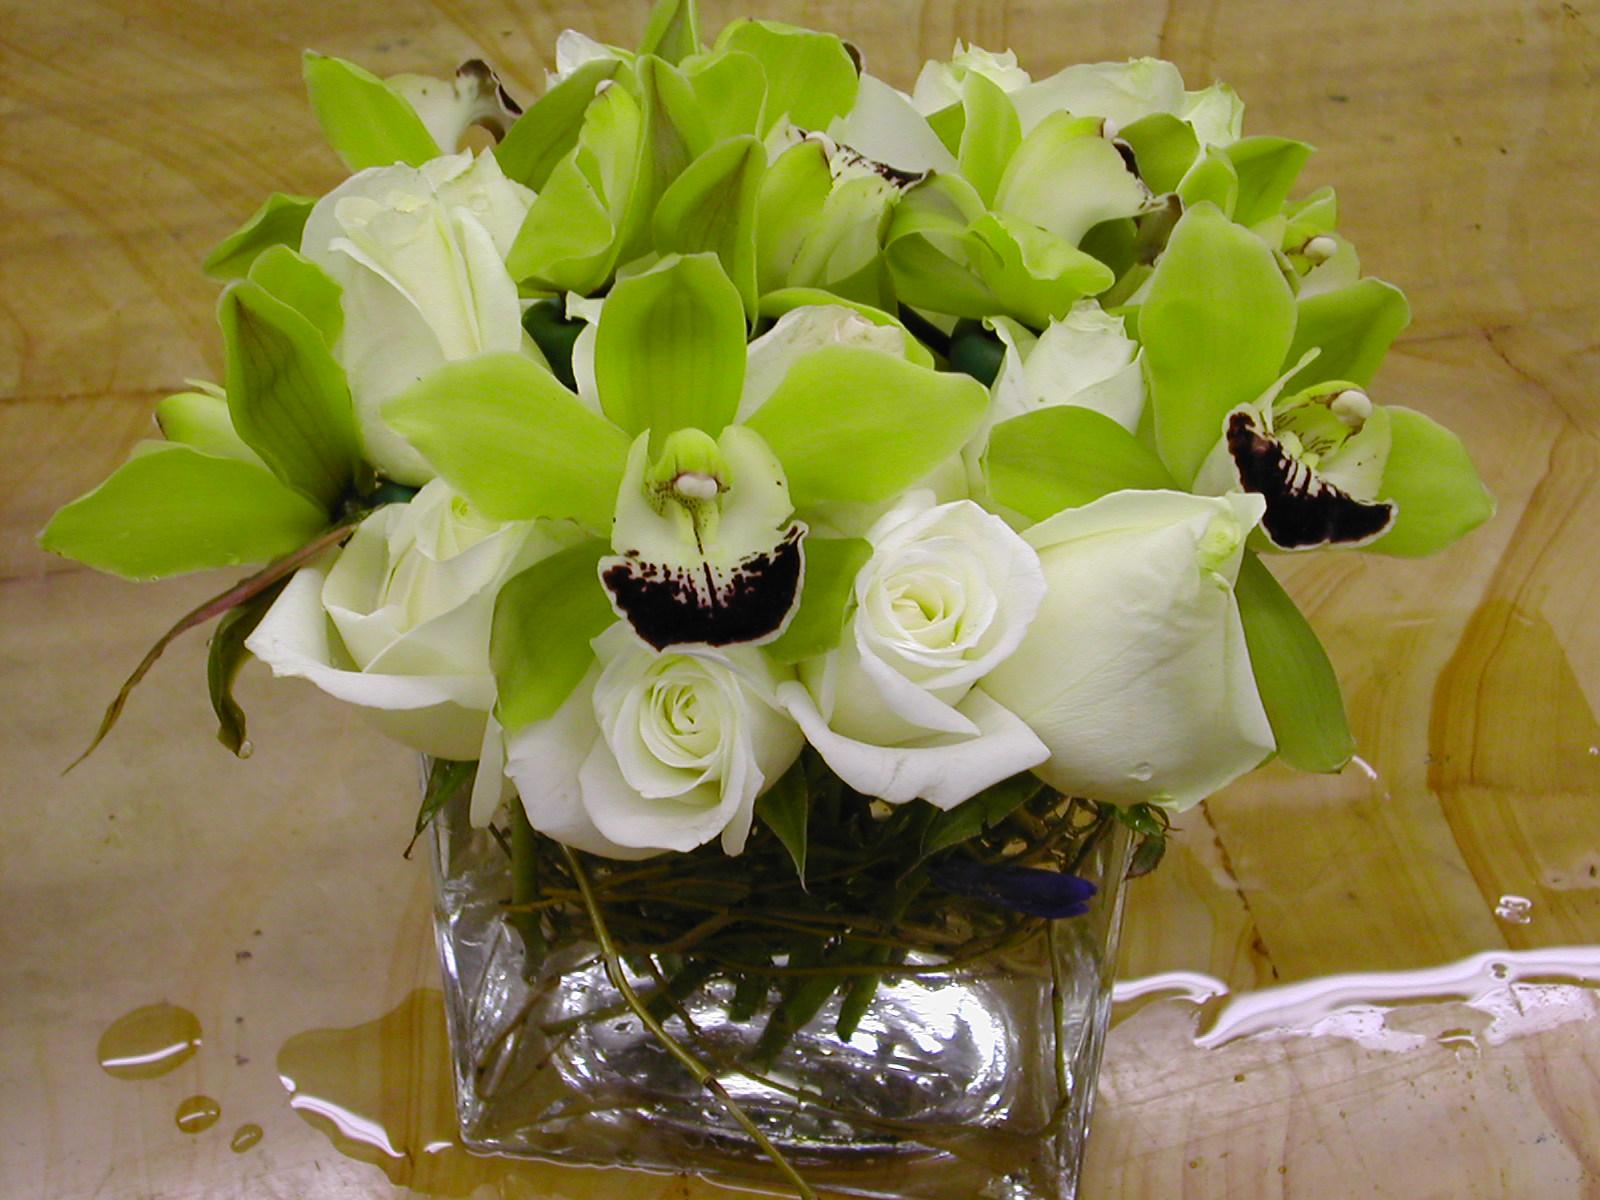 https://0201.nccdn.net/1_2/000/000/13f/9e3/centerpiece-orchid-and-roses.jpg